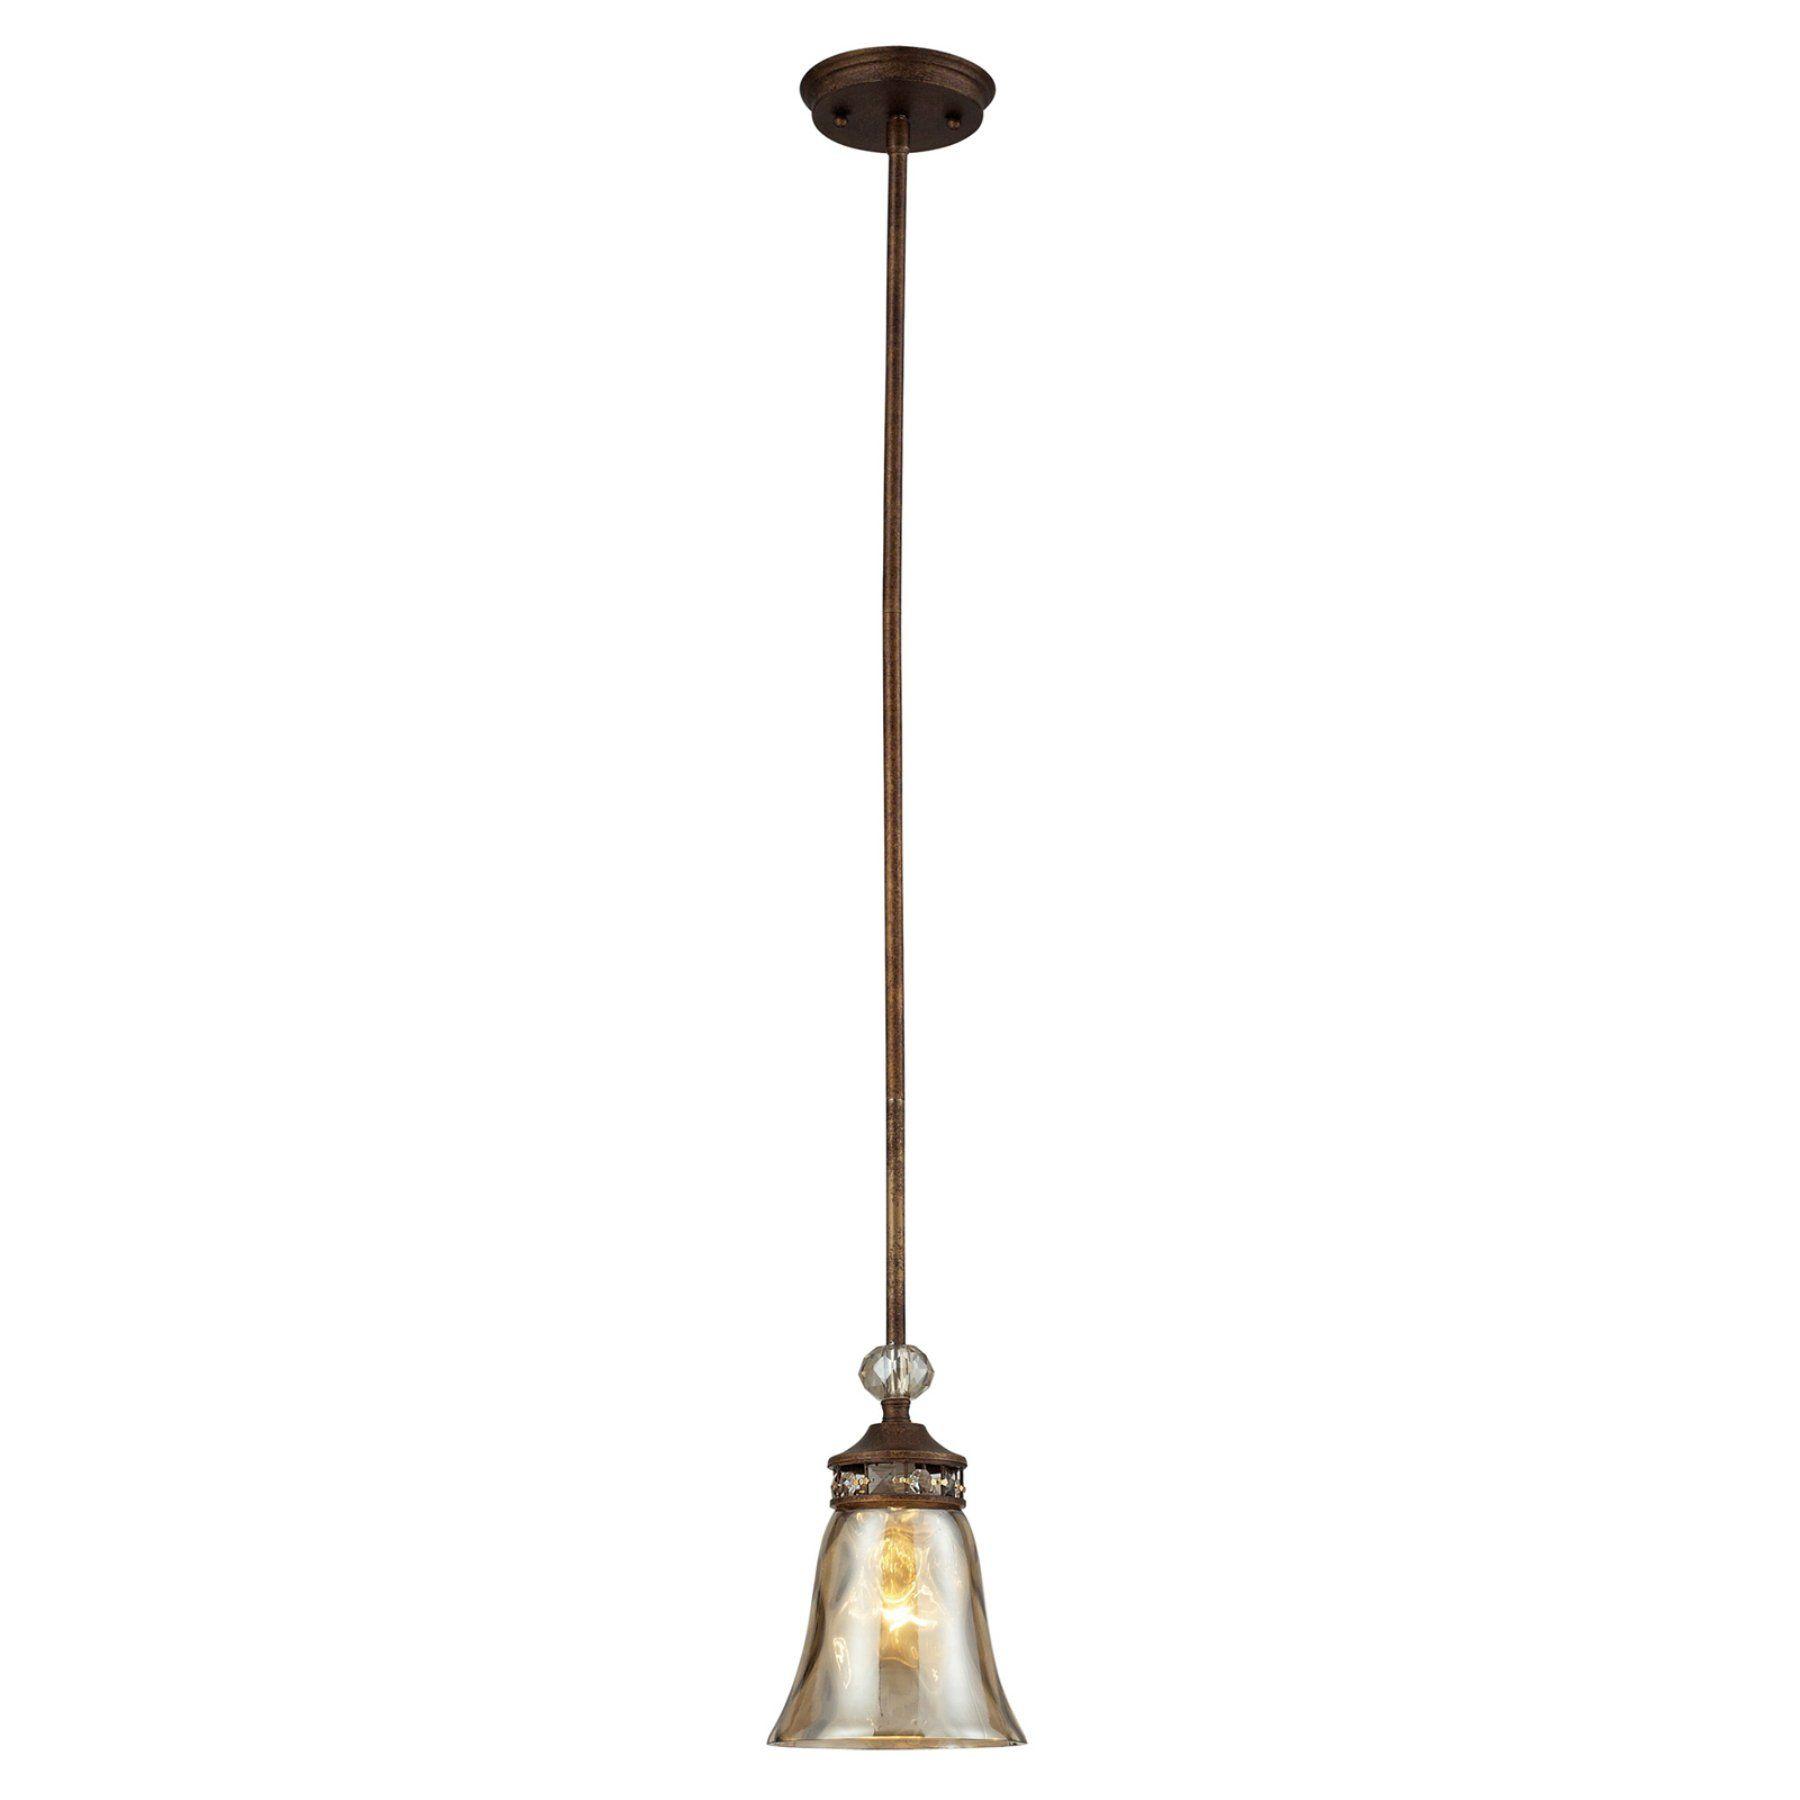 Elk Lighting Cheltham 460201 1 Light Pendant  460201